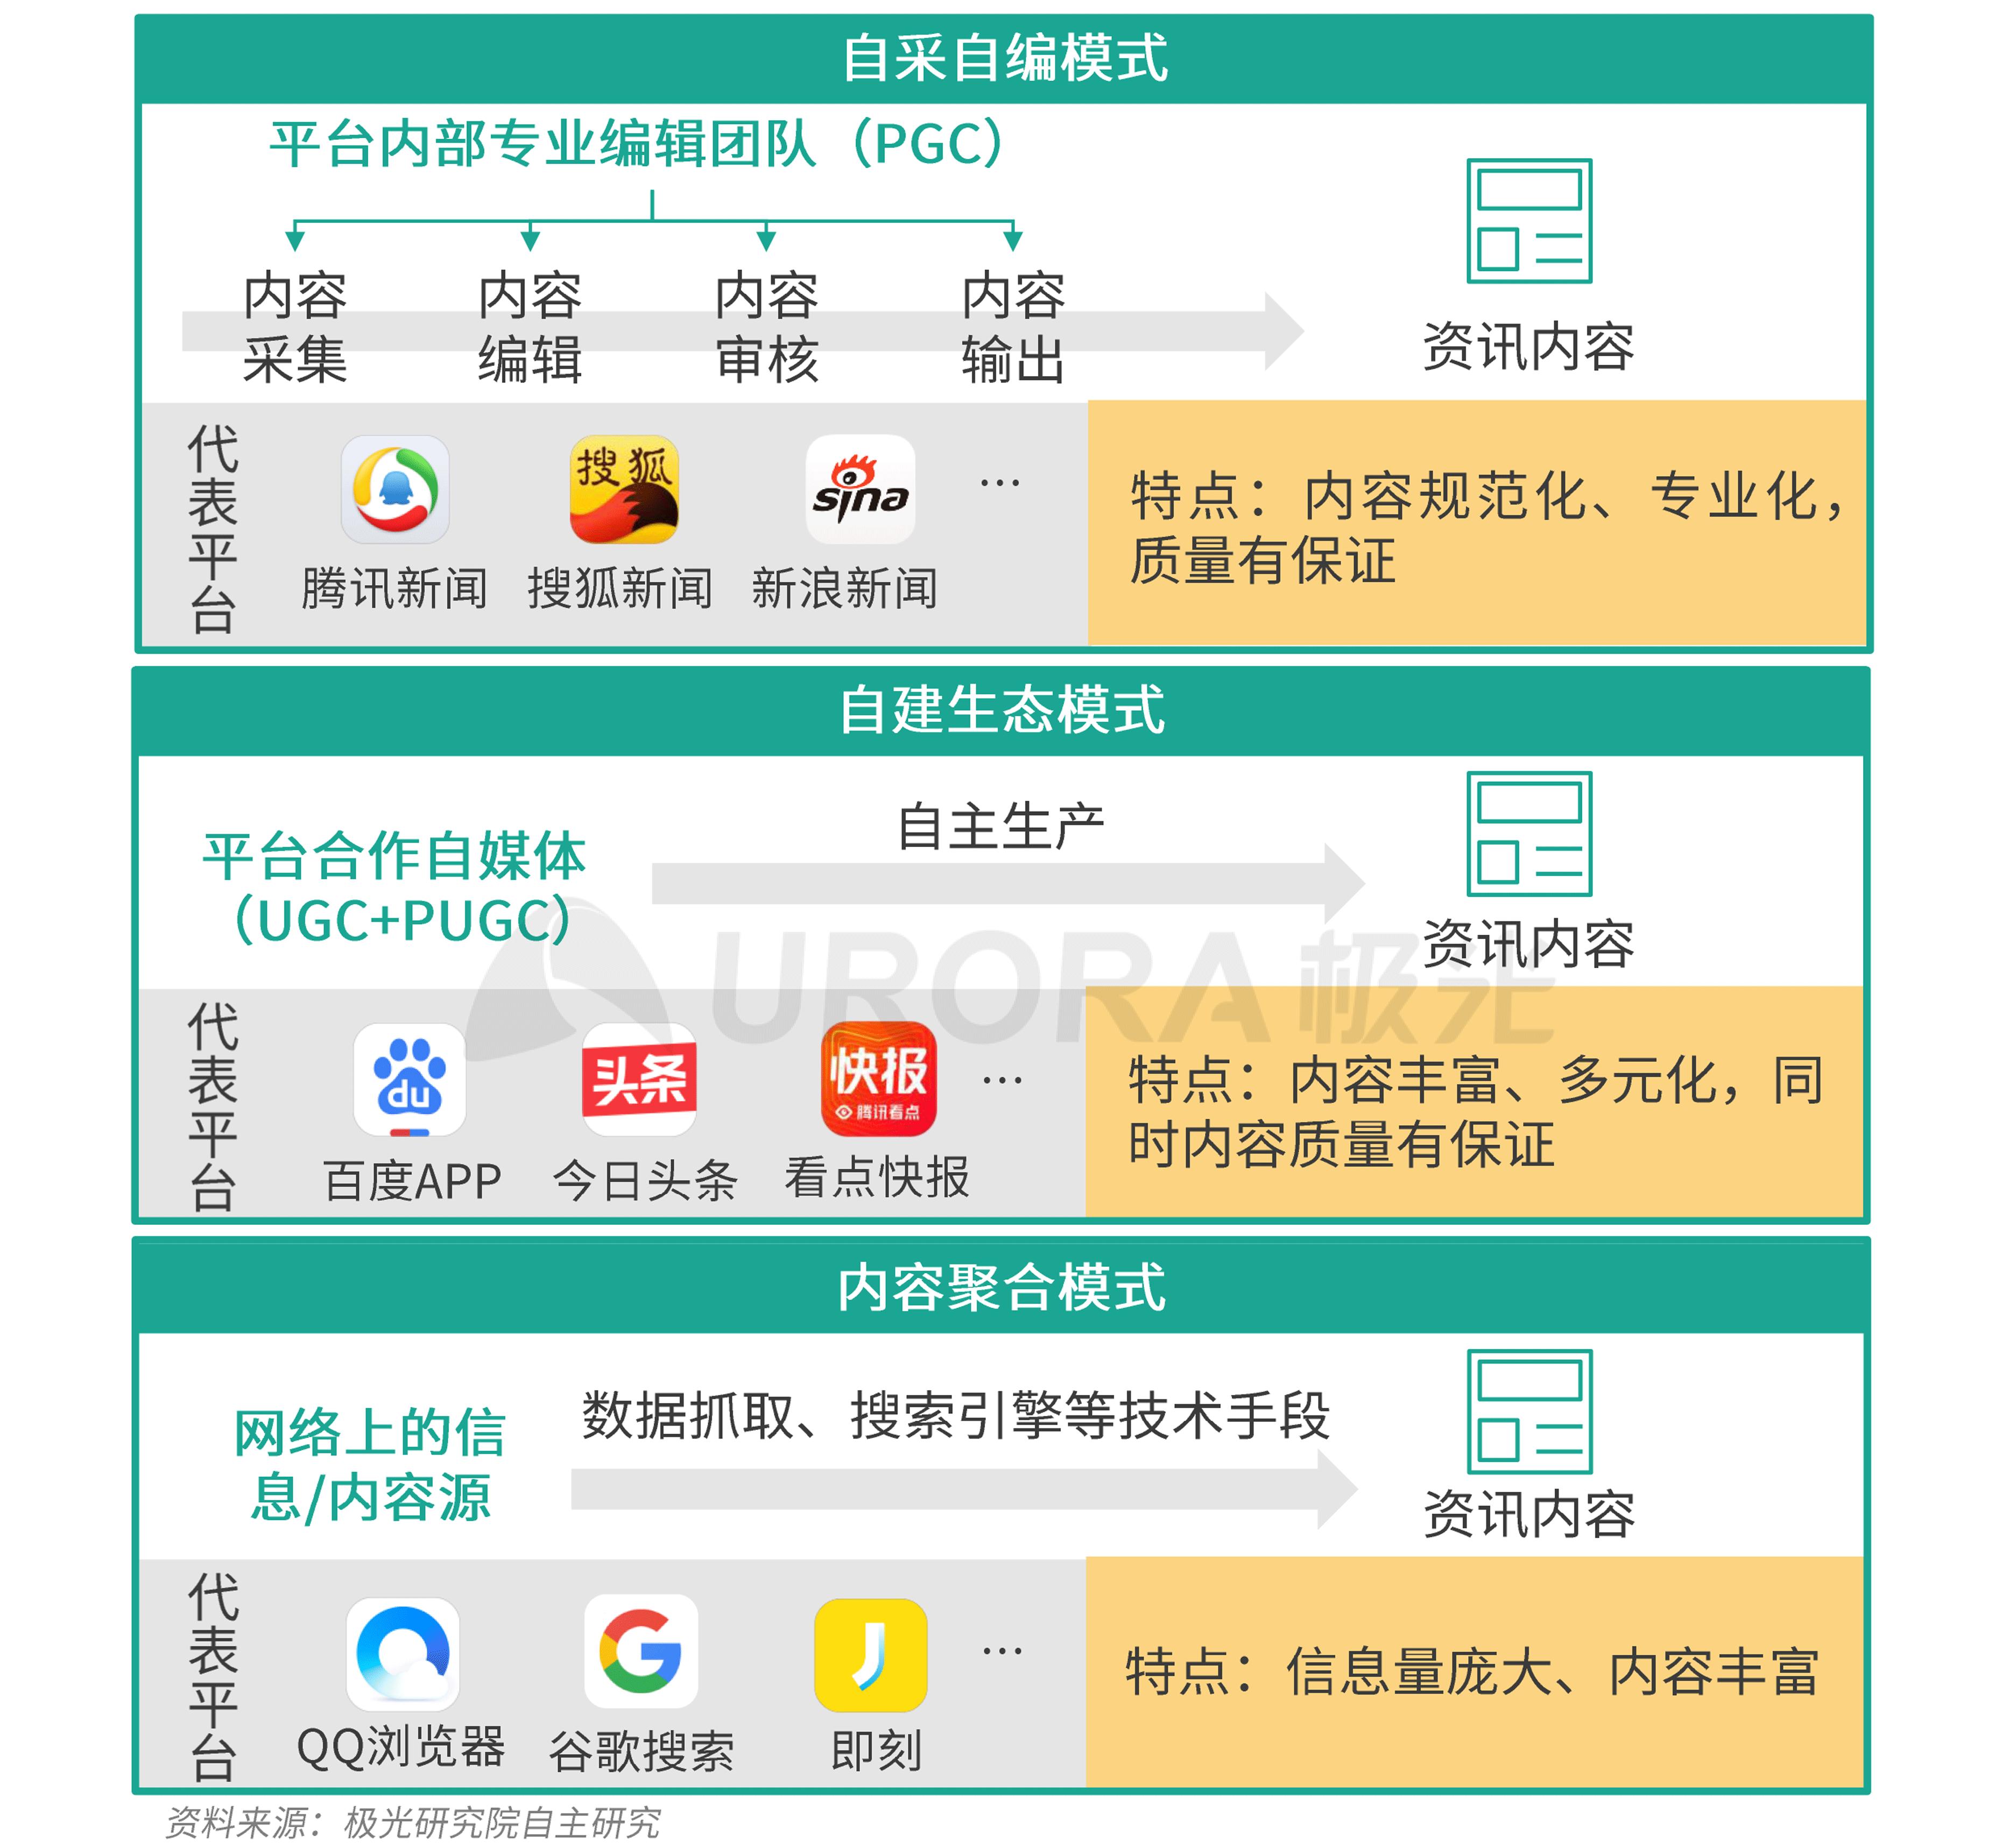 极光:新资讯行业系列报告--内容篇 (5).png